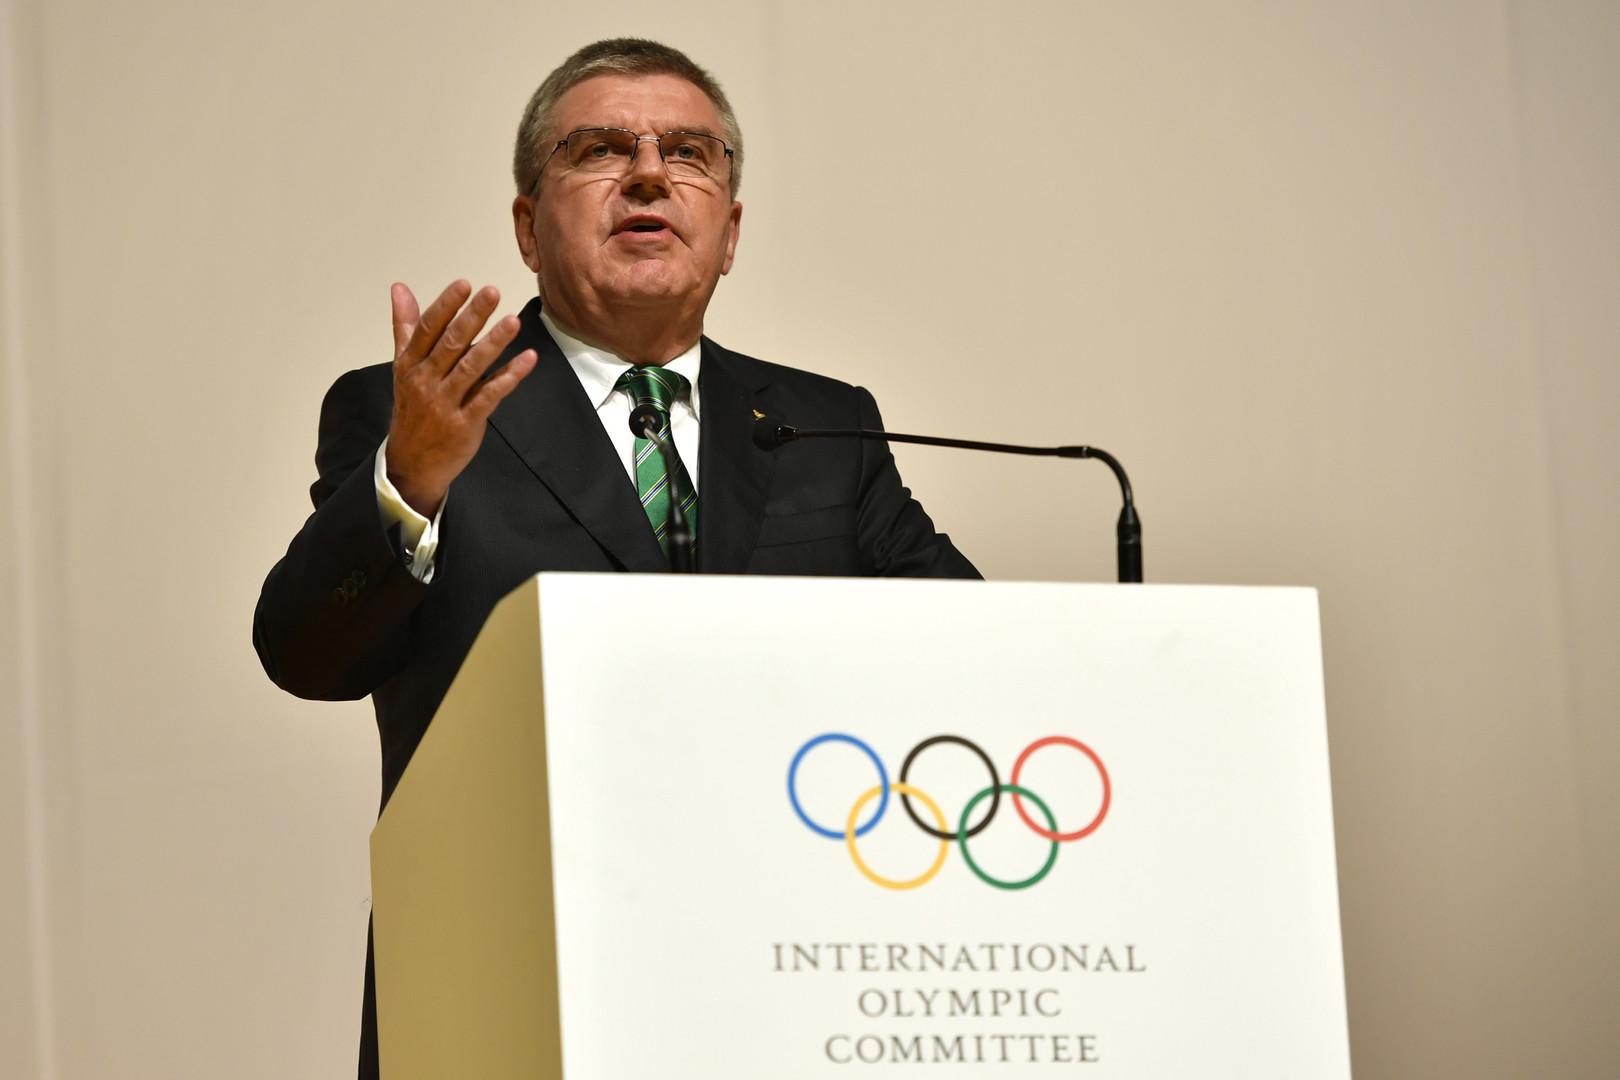 Глава МОК: Решение о допуске российских атлетов в Рио основано на справедливости